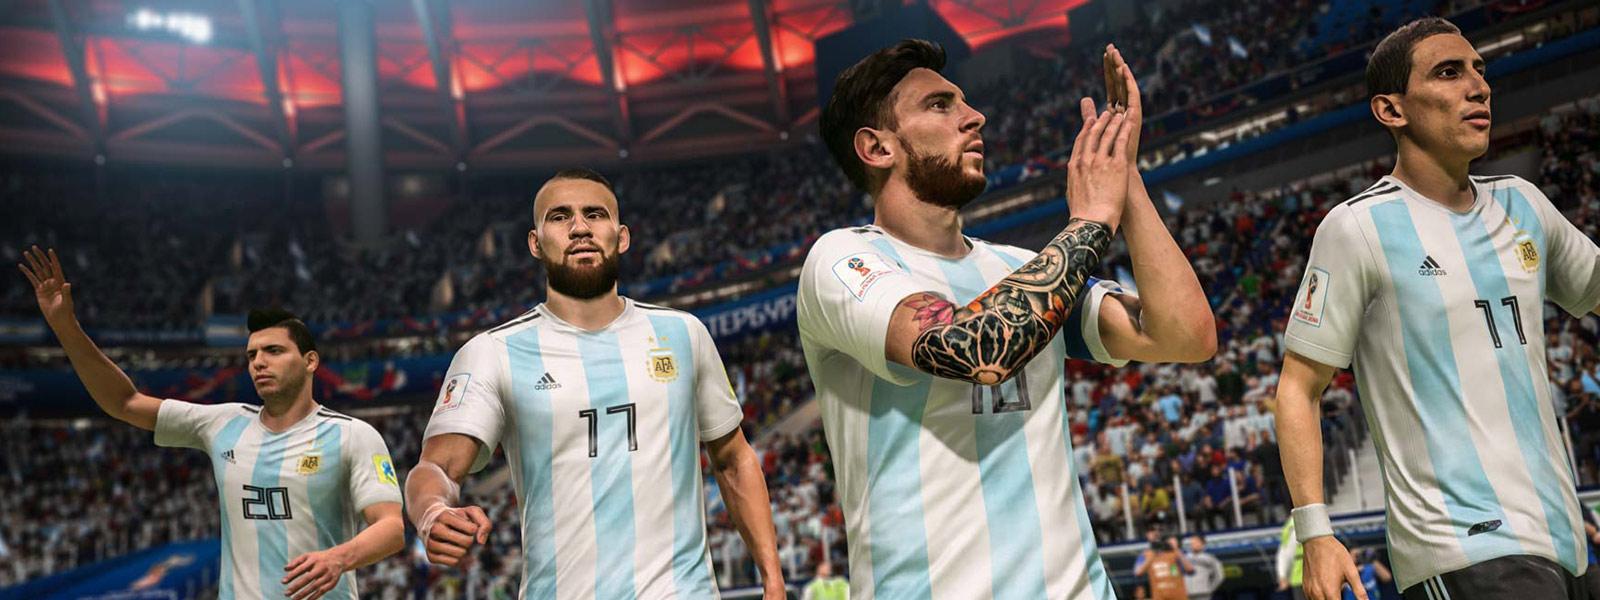 Quatro jogadores da Argentina aplaudindo para a torcida antes de uma partida